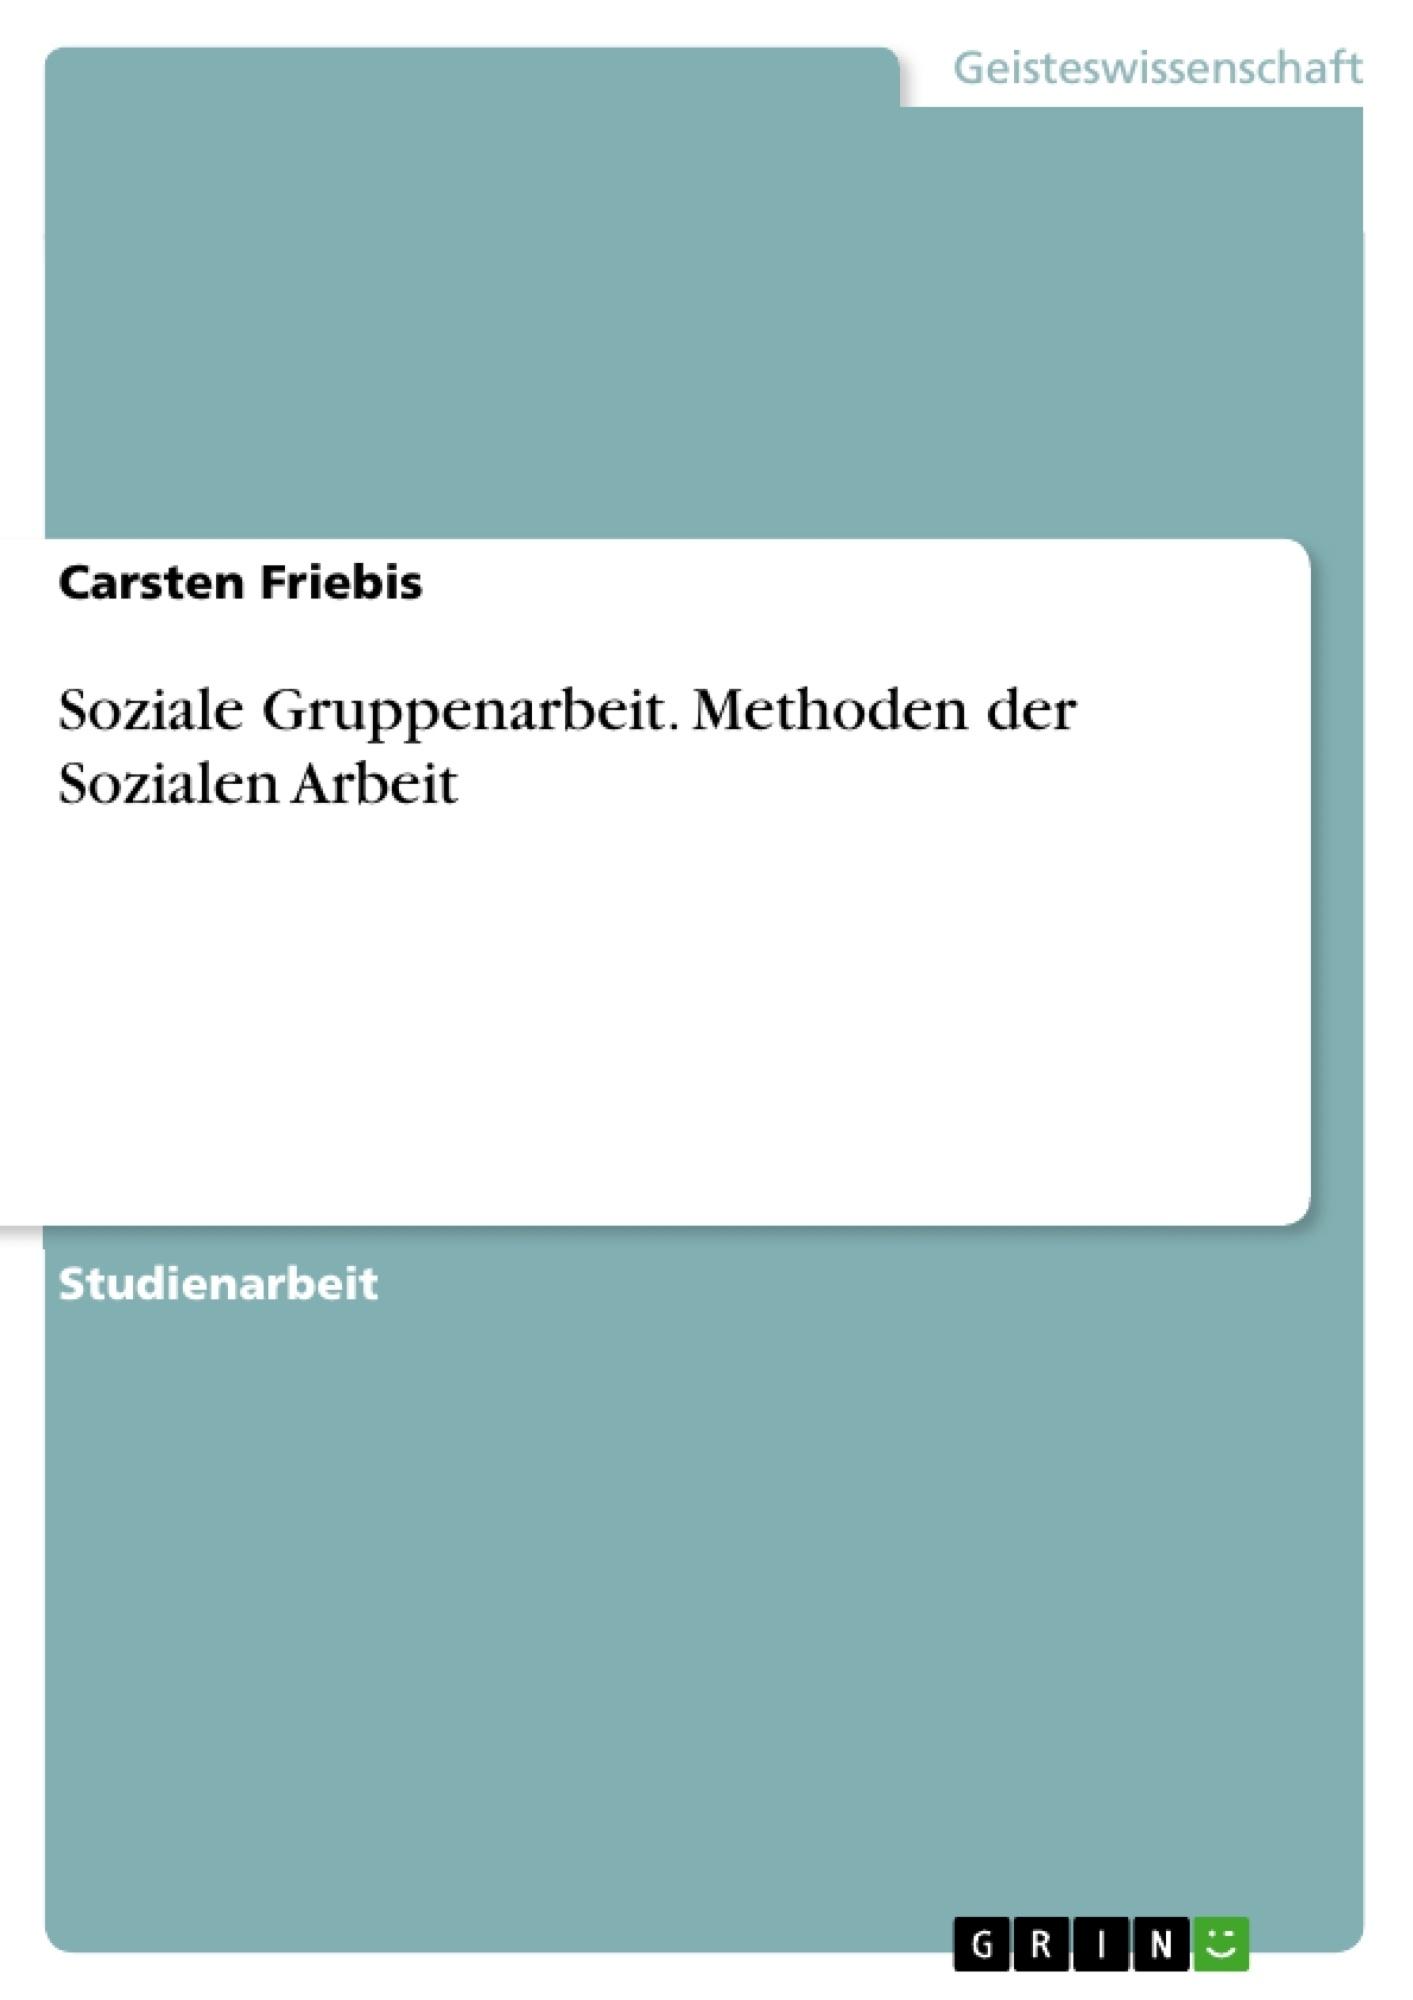 Titel: Soziale Gruppenarbeit. Methoden der Sozialen Arbeit